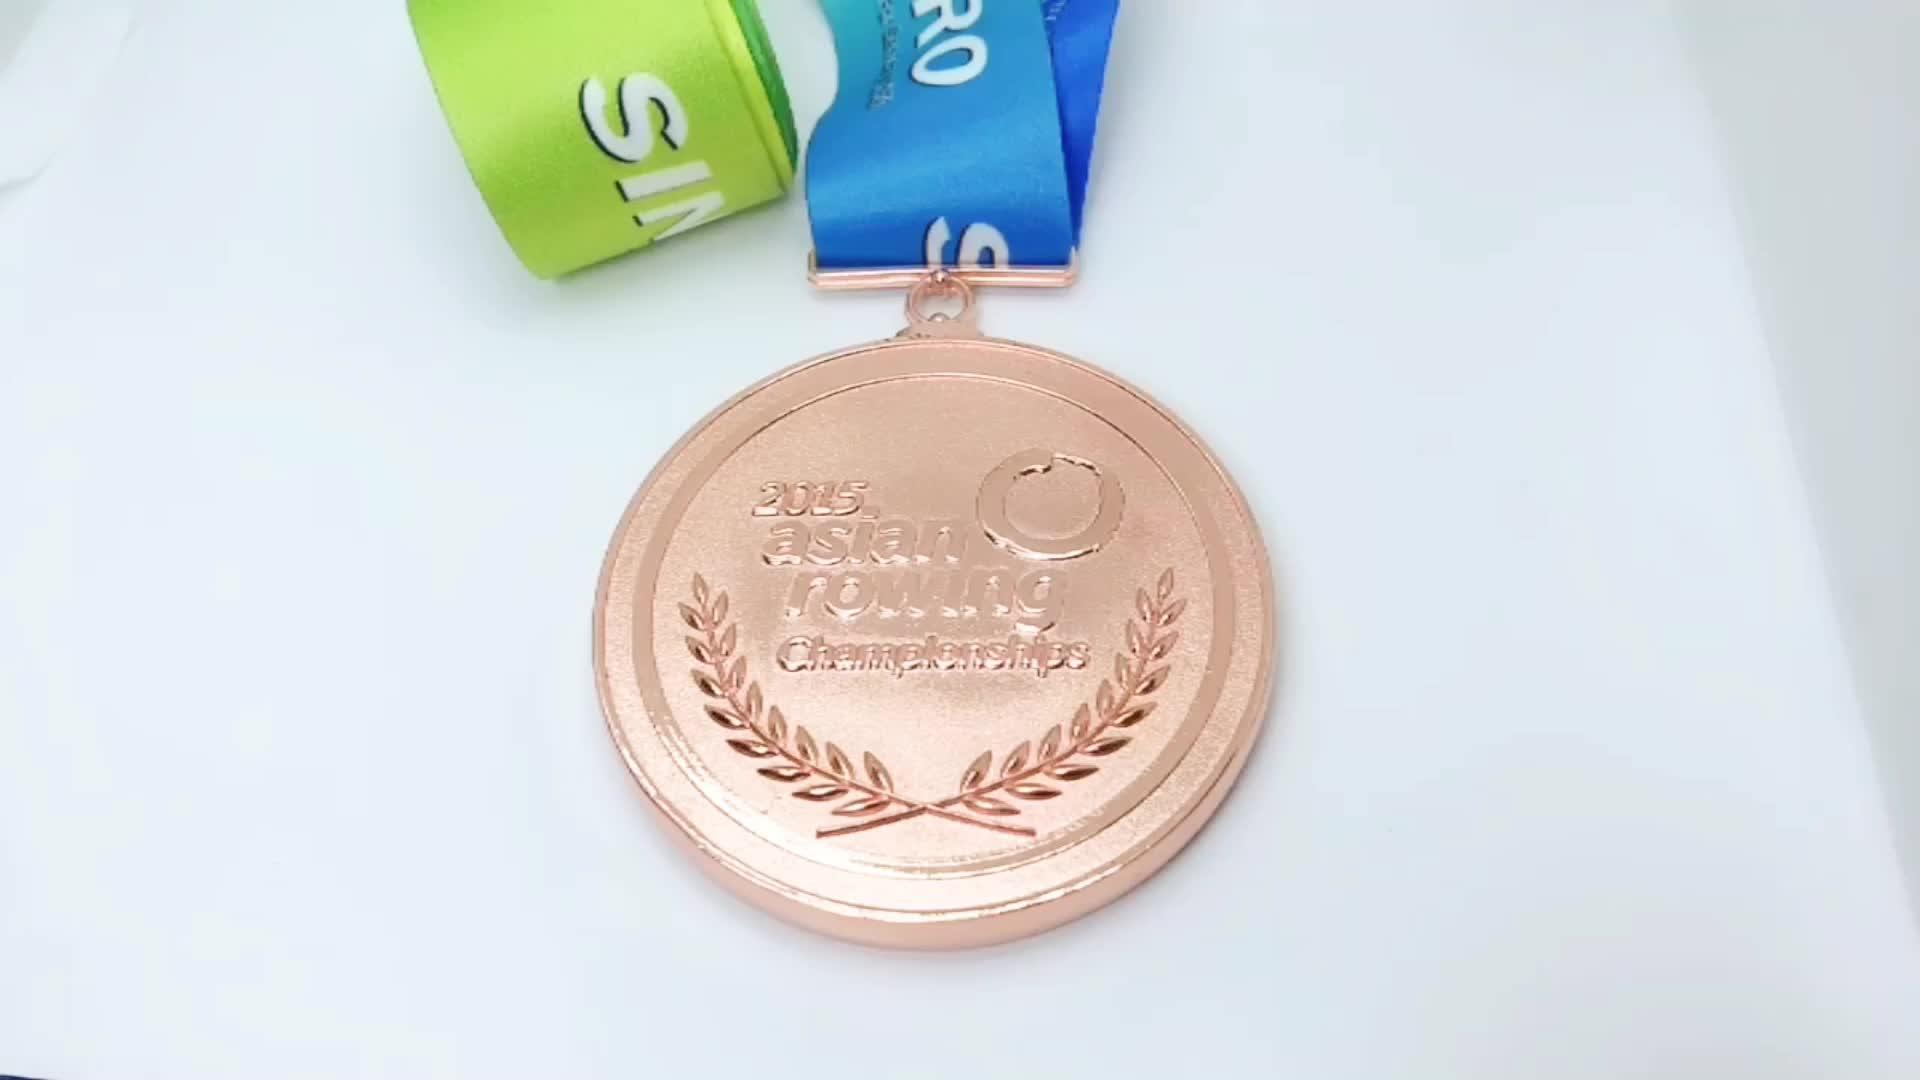 custom event souvenir finisher medal medallas personalizadas